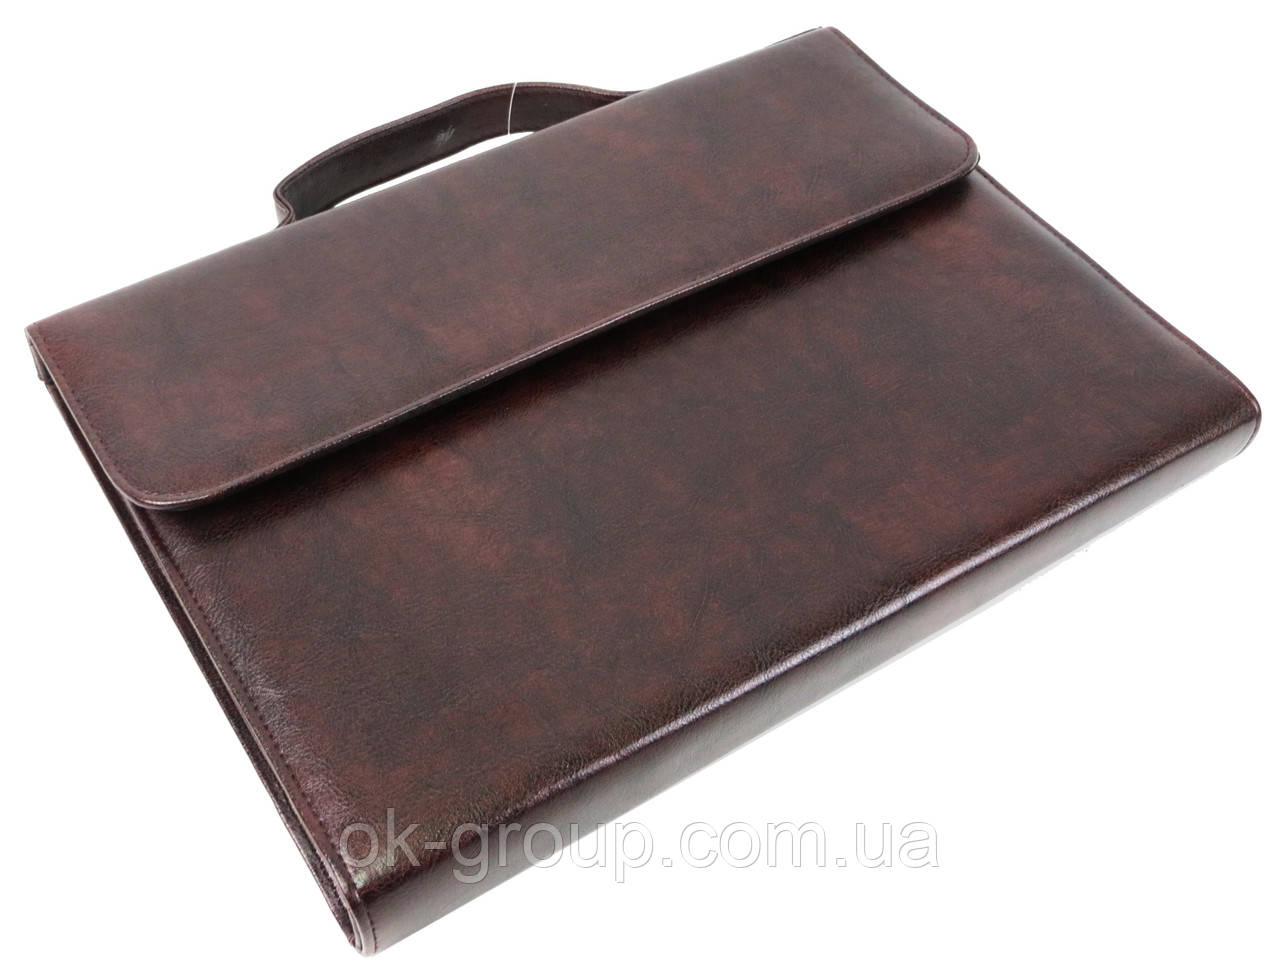 Папка-портфель з шкірозамінника Exclusive 711300 коричнева